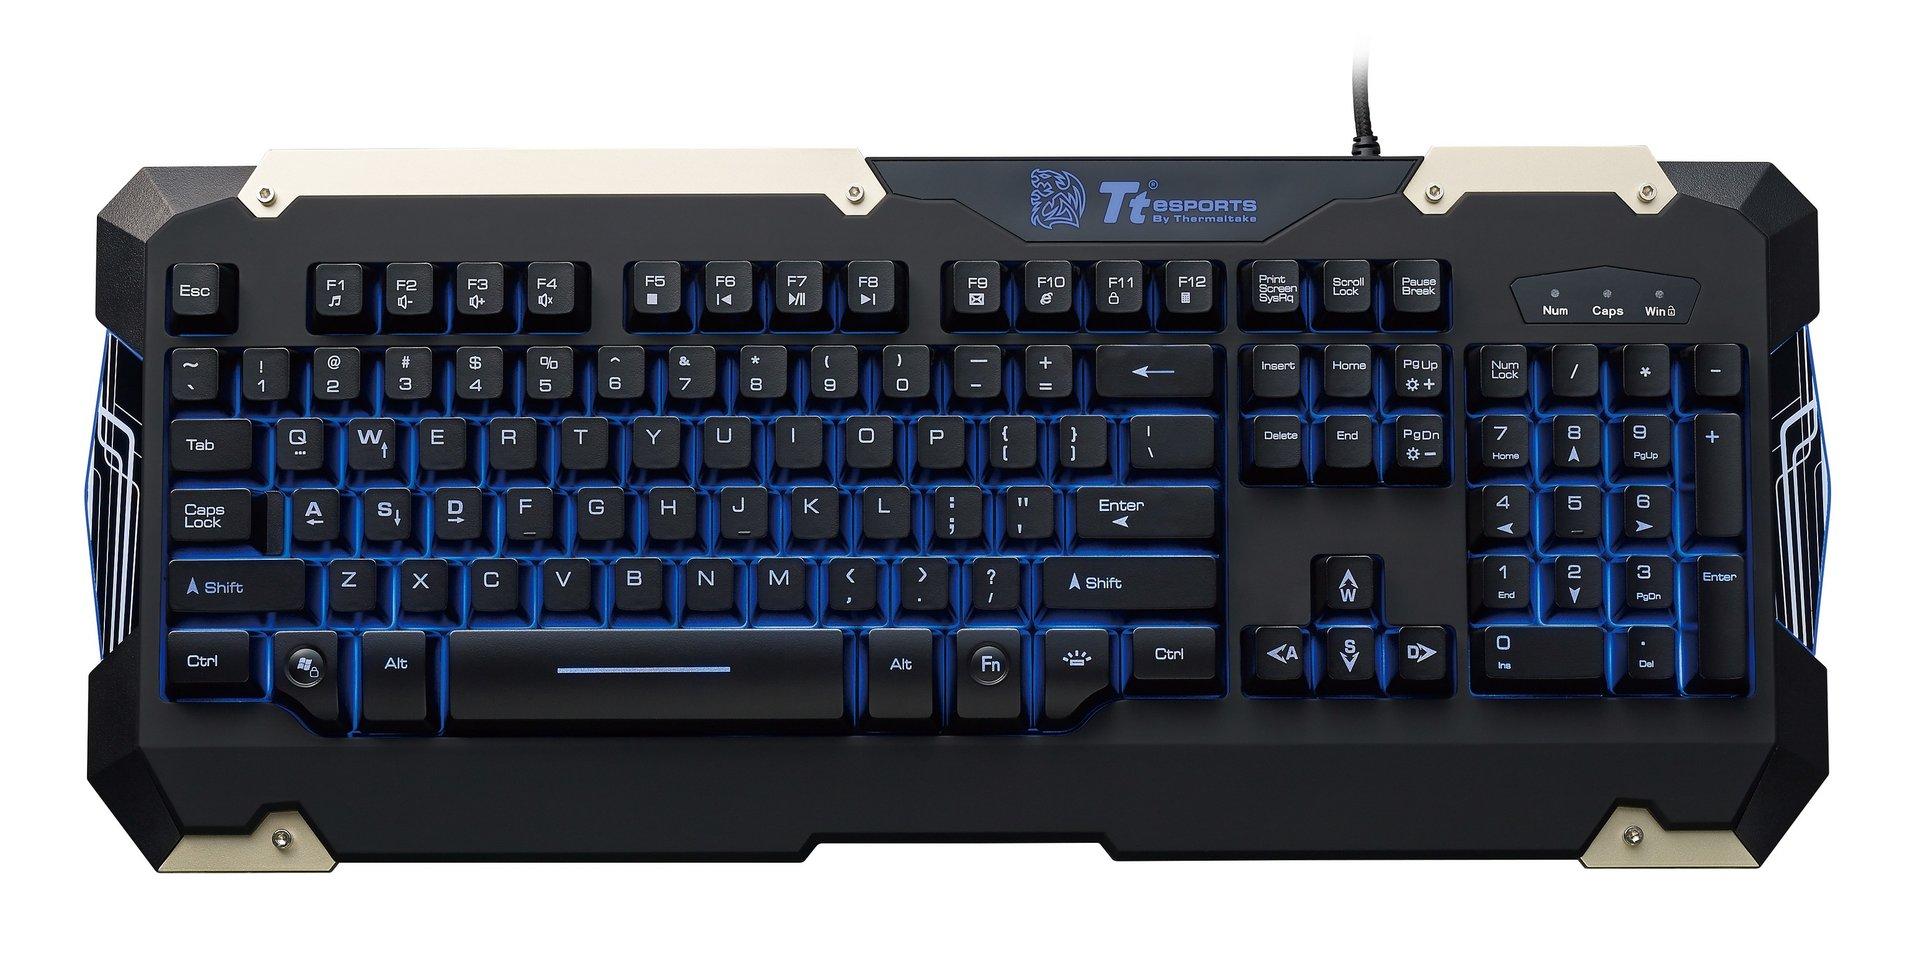 Tt eSports Commander